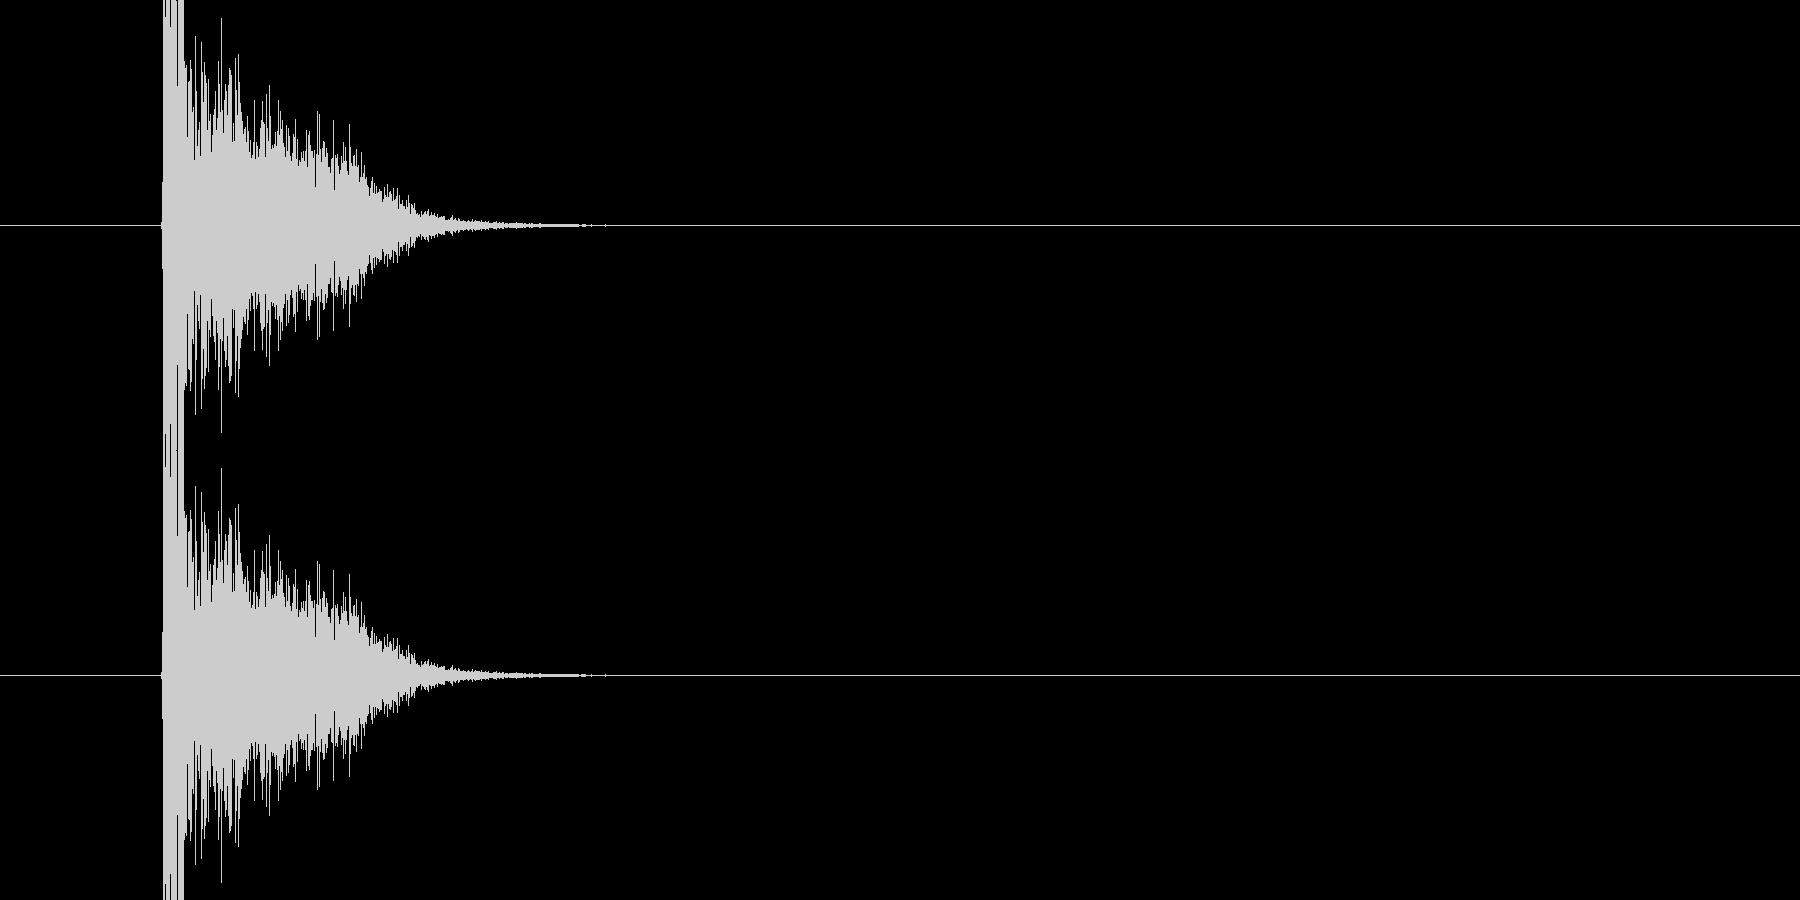 バシ ドン なパンチ、キックの打撃音02の未再生の波形